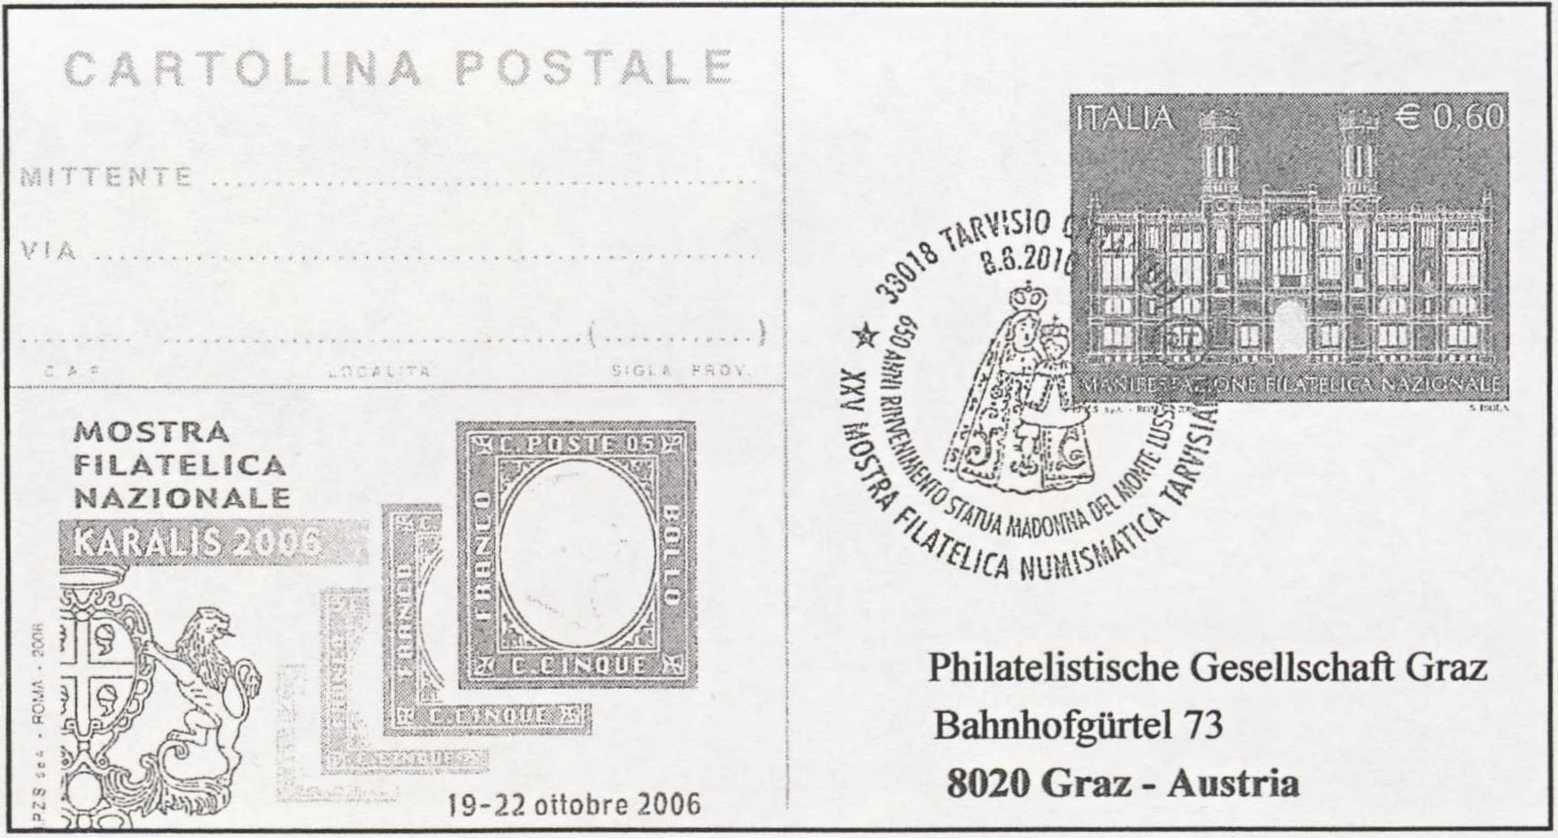 Cartolina-postale